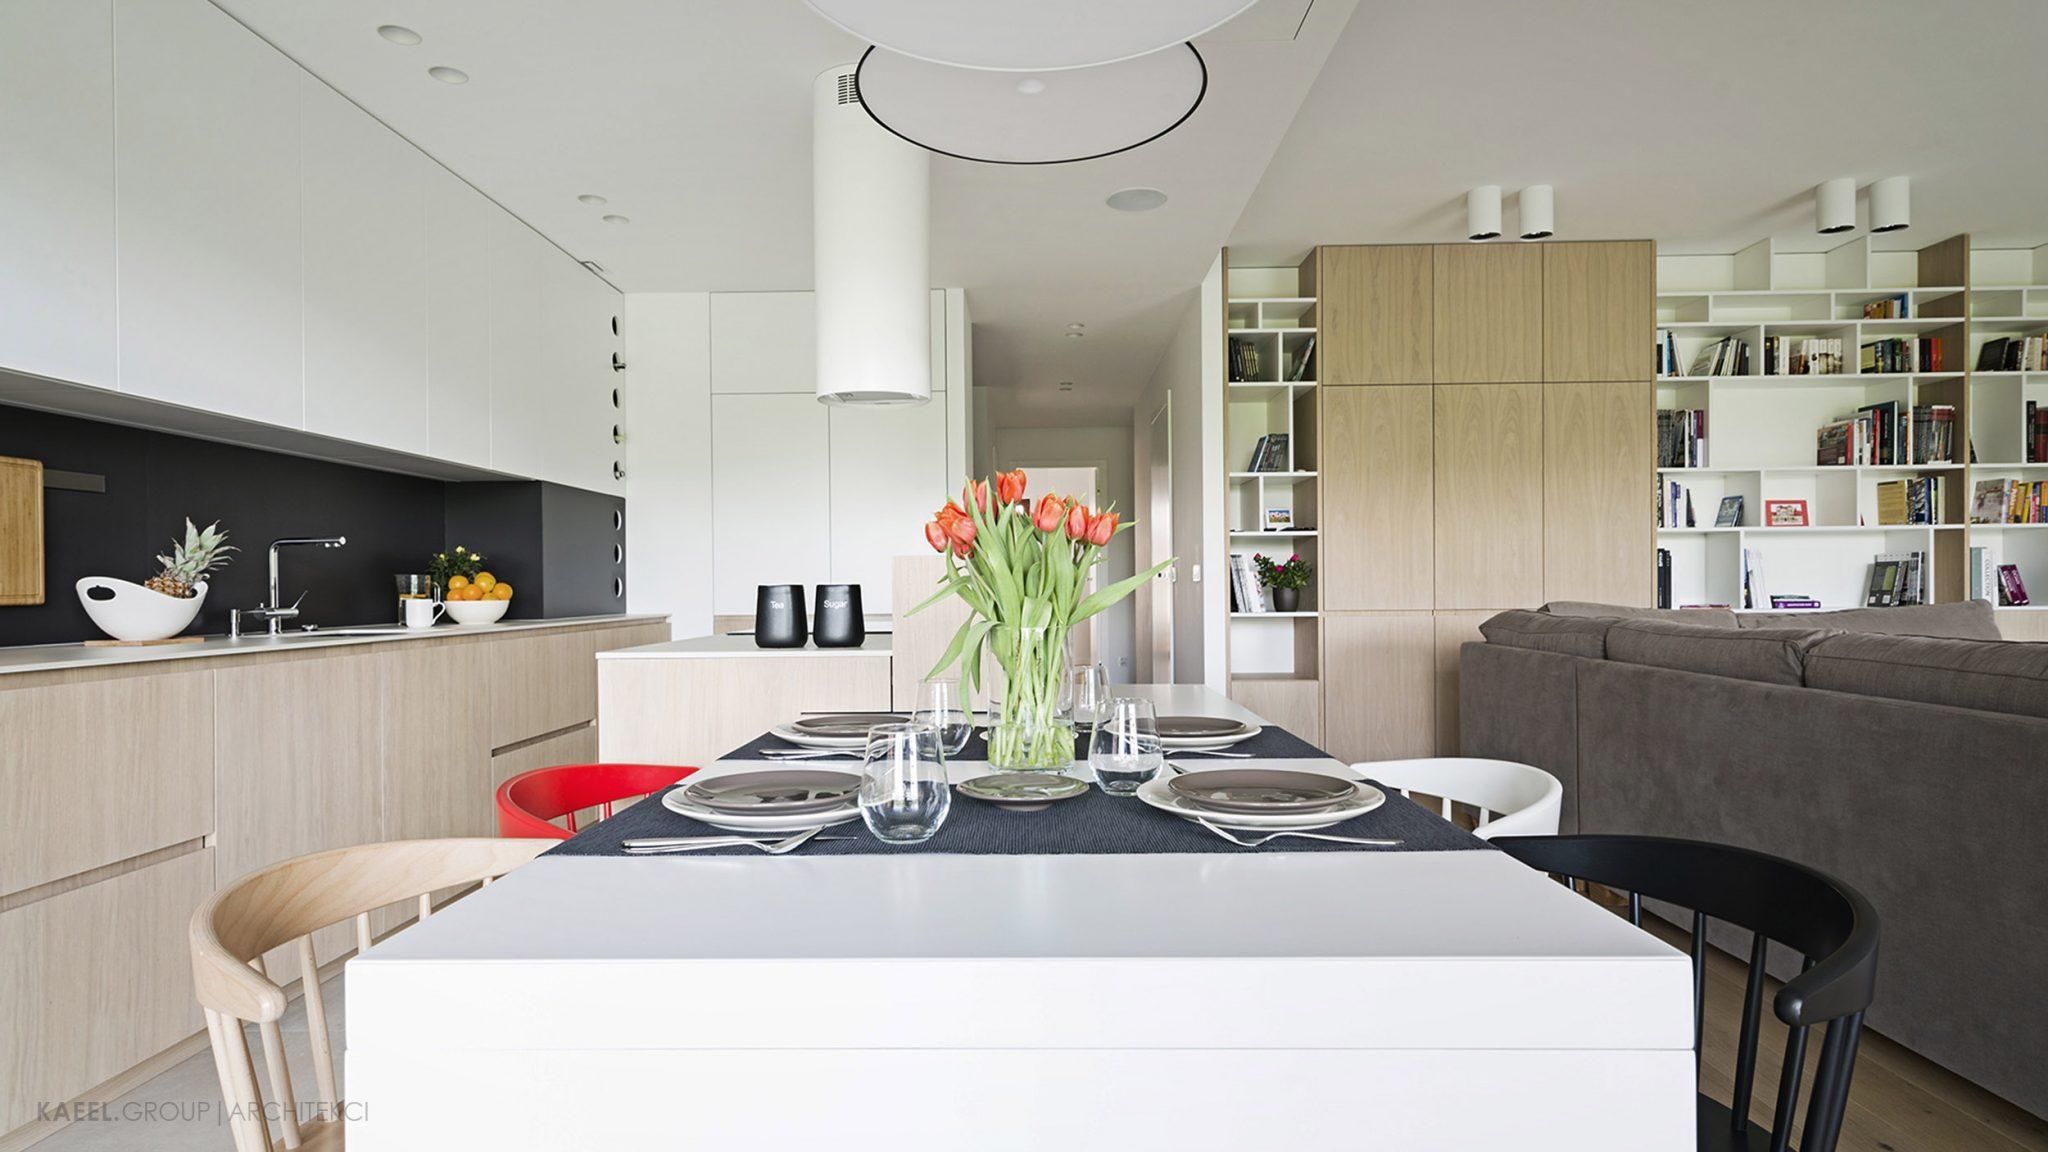 Jadalnia w projektowanym mieszkaniu